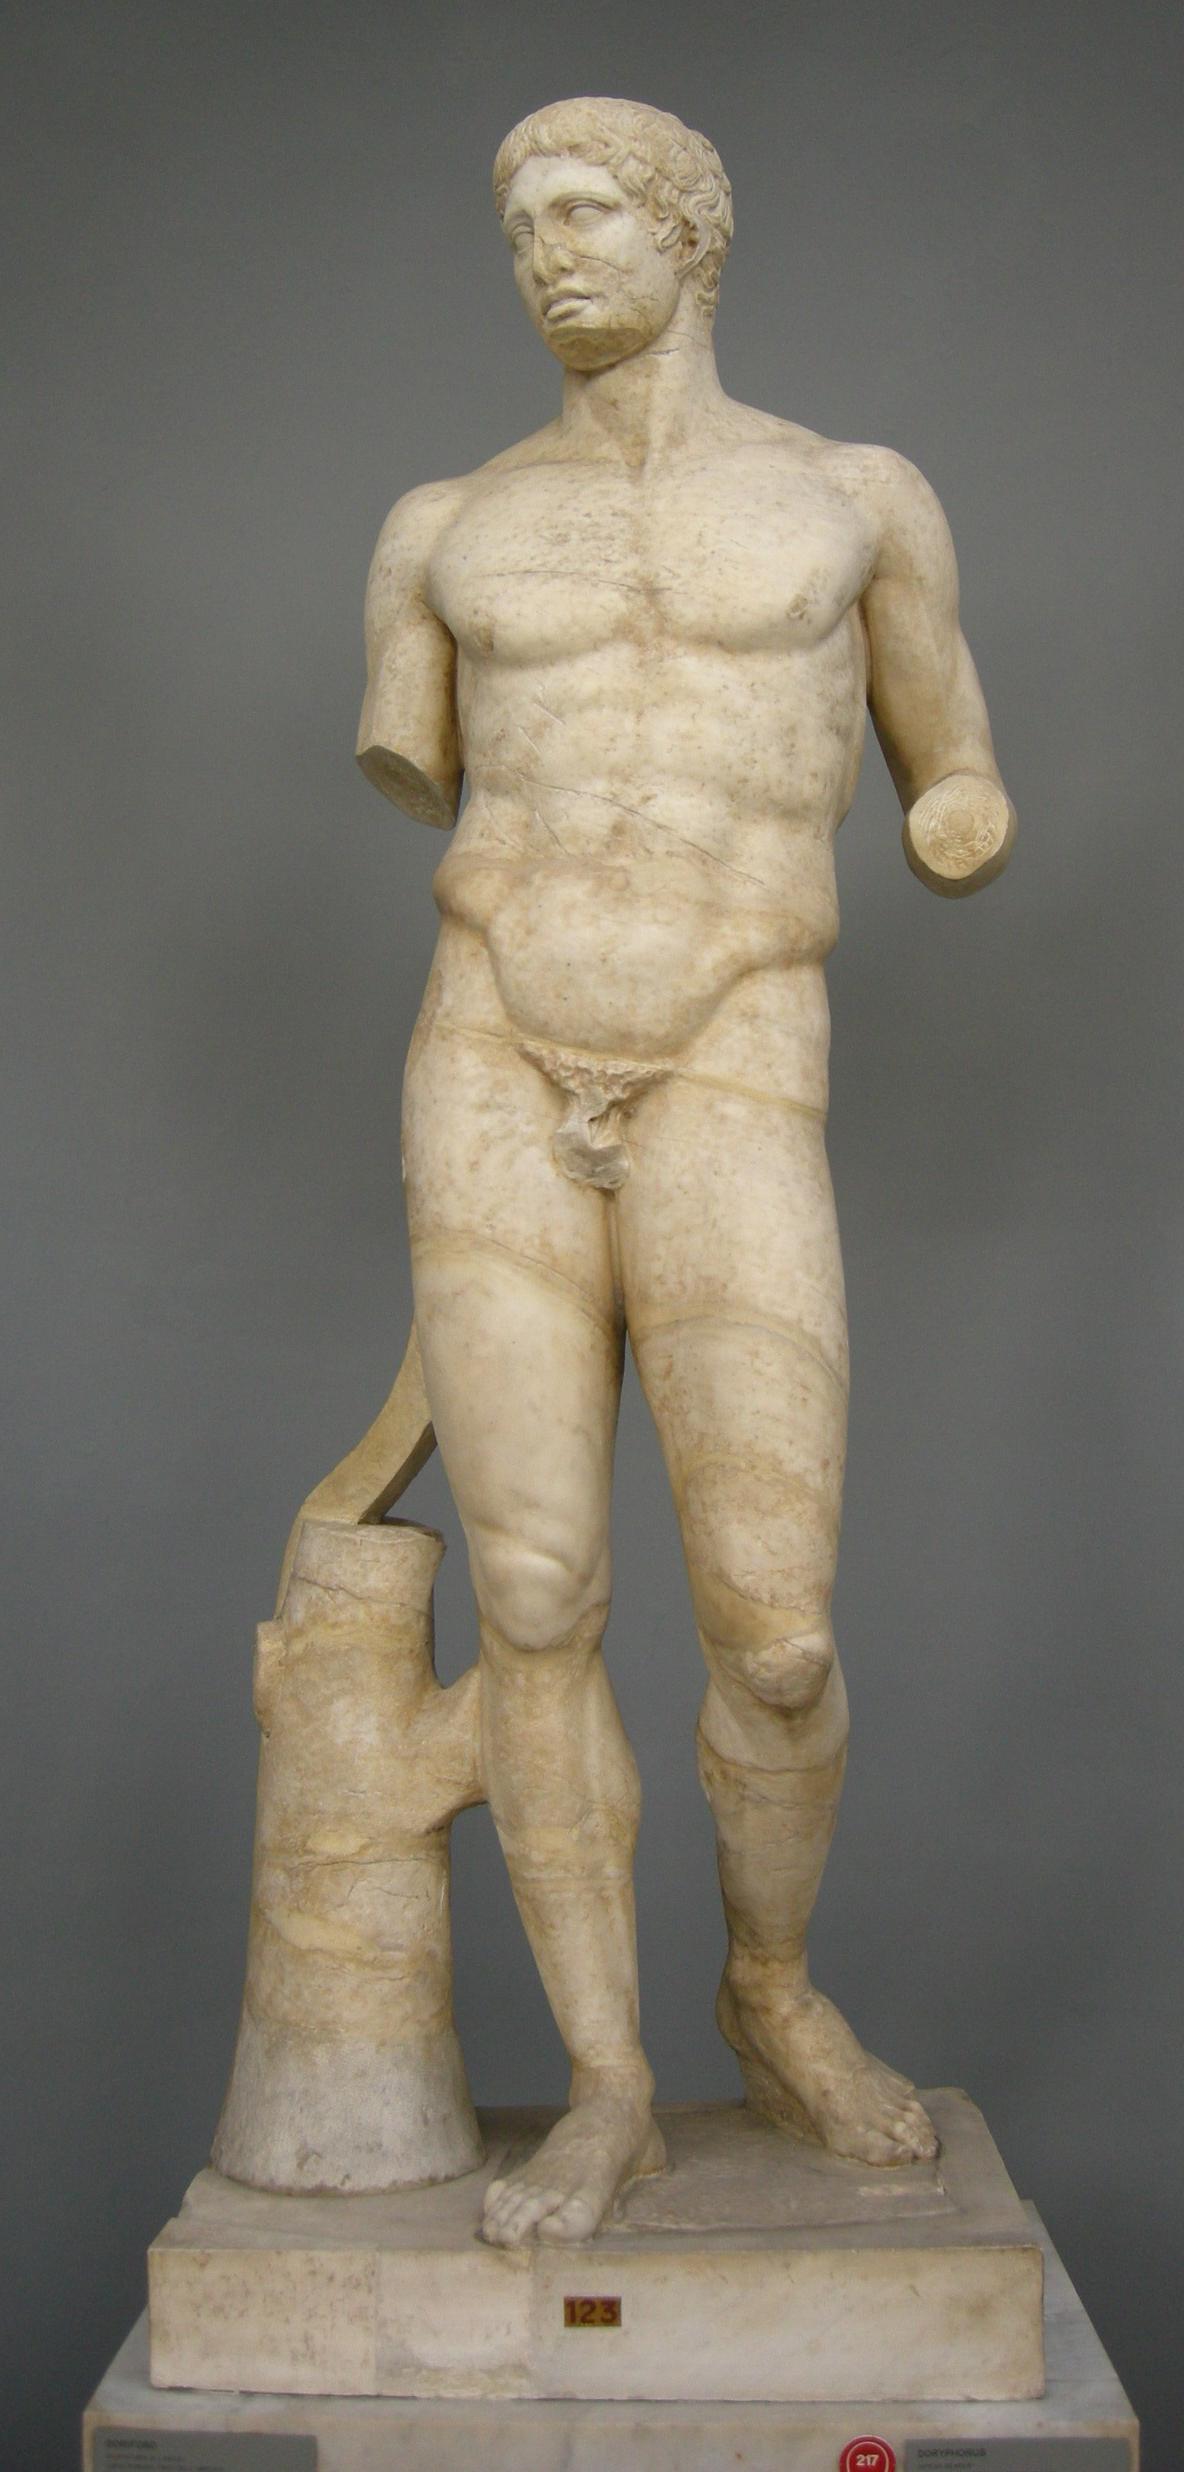 скульптуры фото античного искусства и